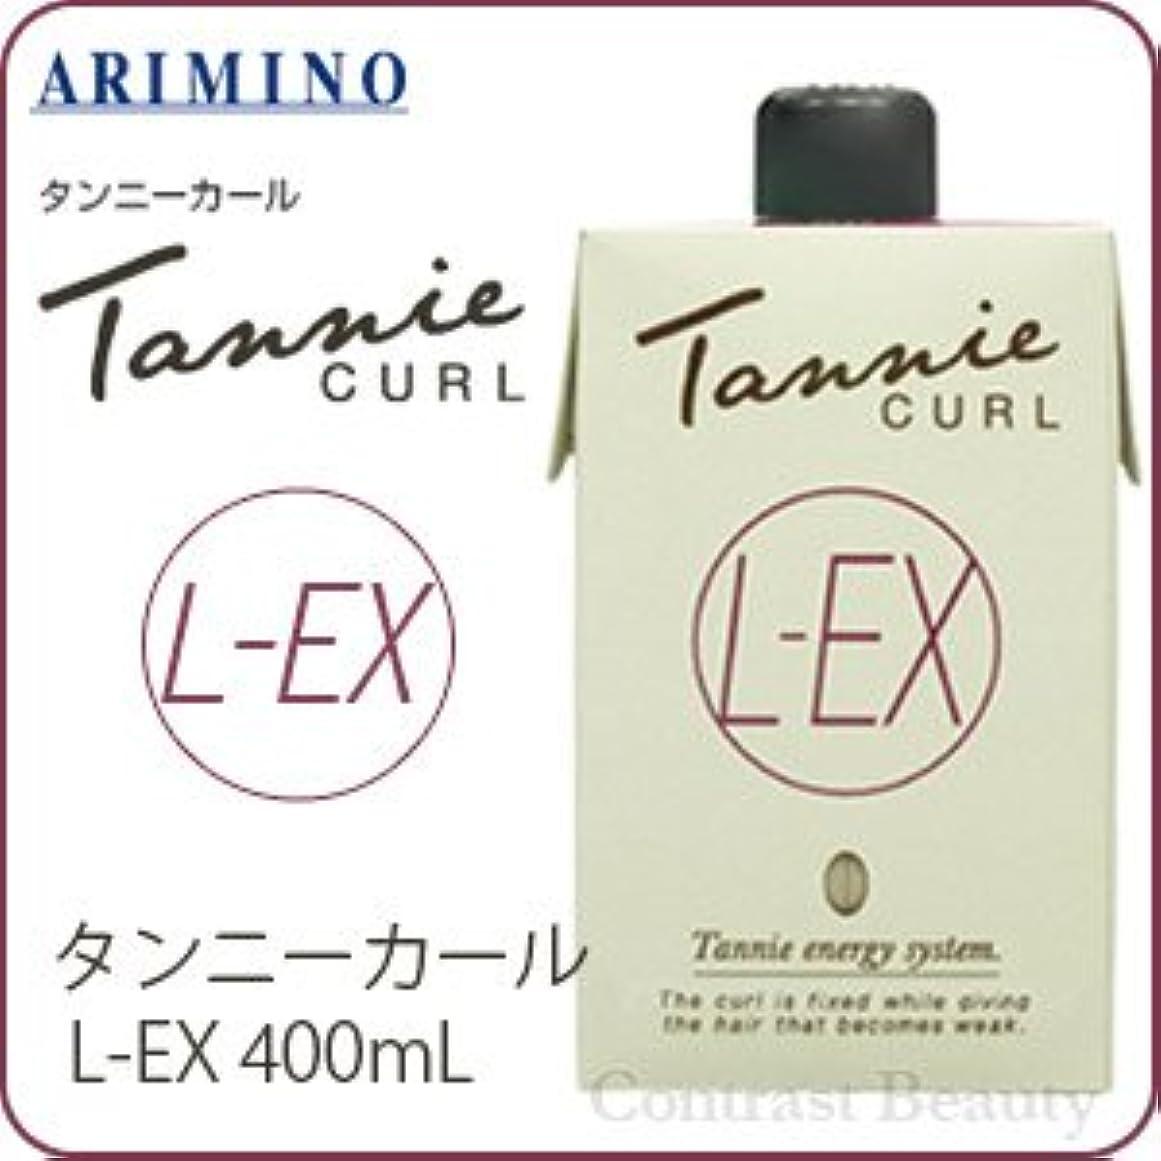 間隔連帯時系列アリミノ タンニーカール L-EX 400ml